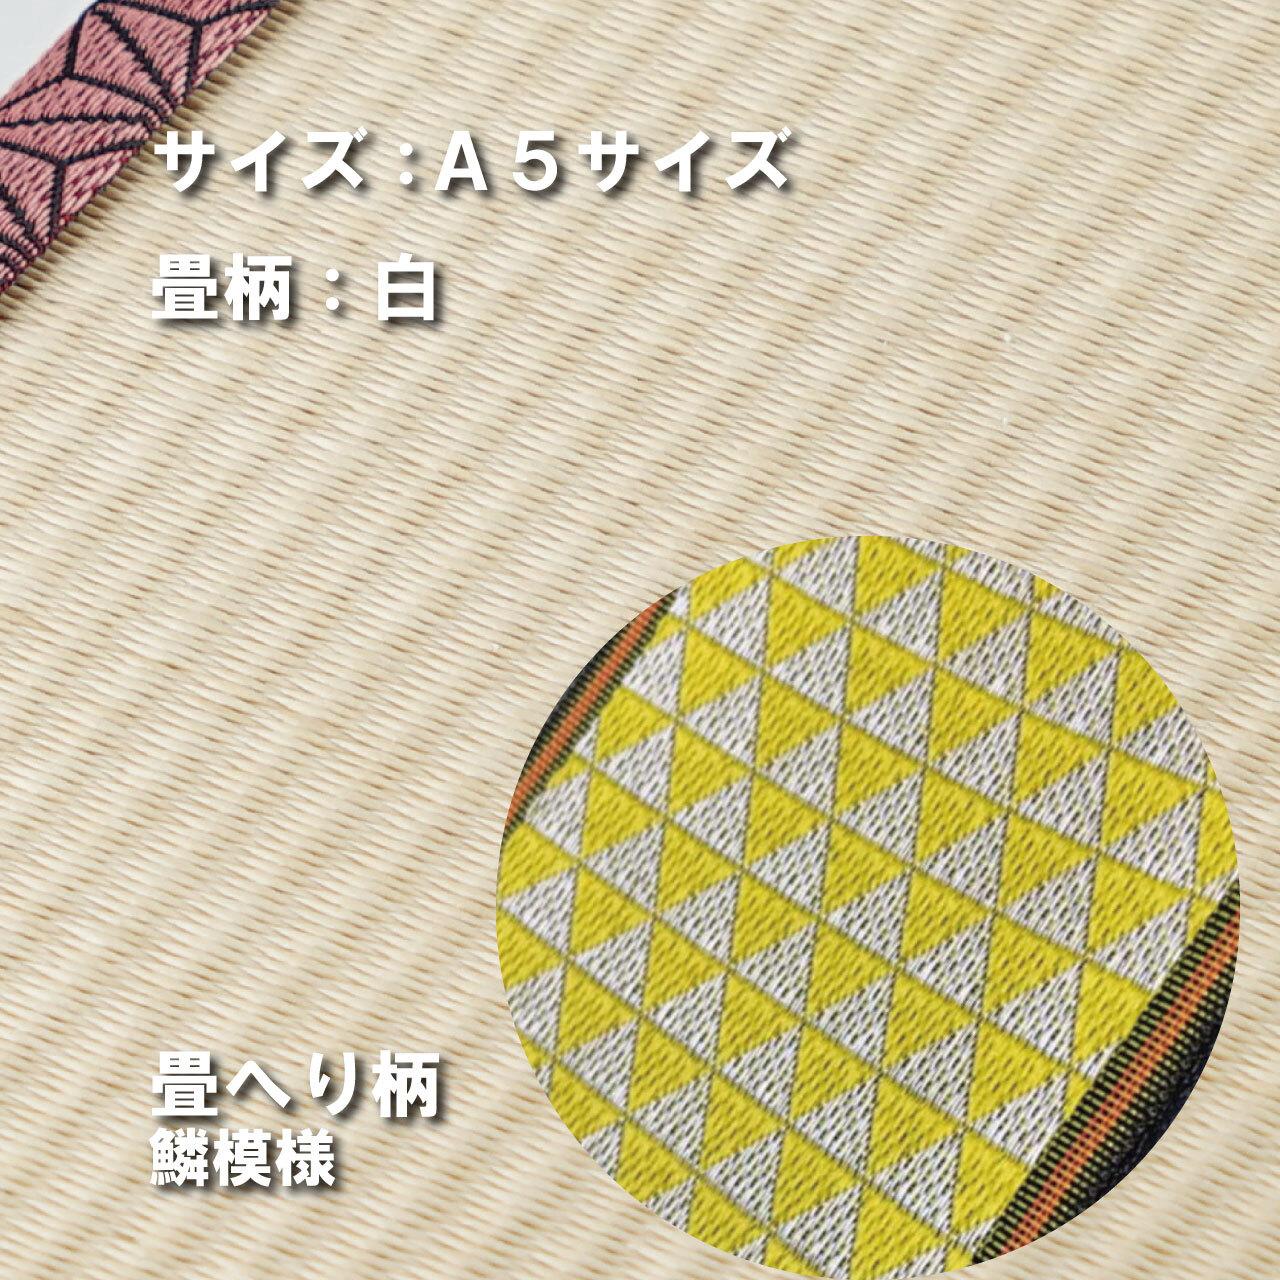 ミニ畳台 フィギア台や小物置きに♪ A5サイズ 畳:白 縁の柄:鱗(うろこ)模様 A5W010